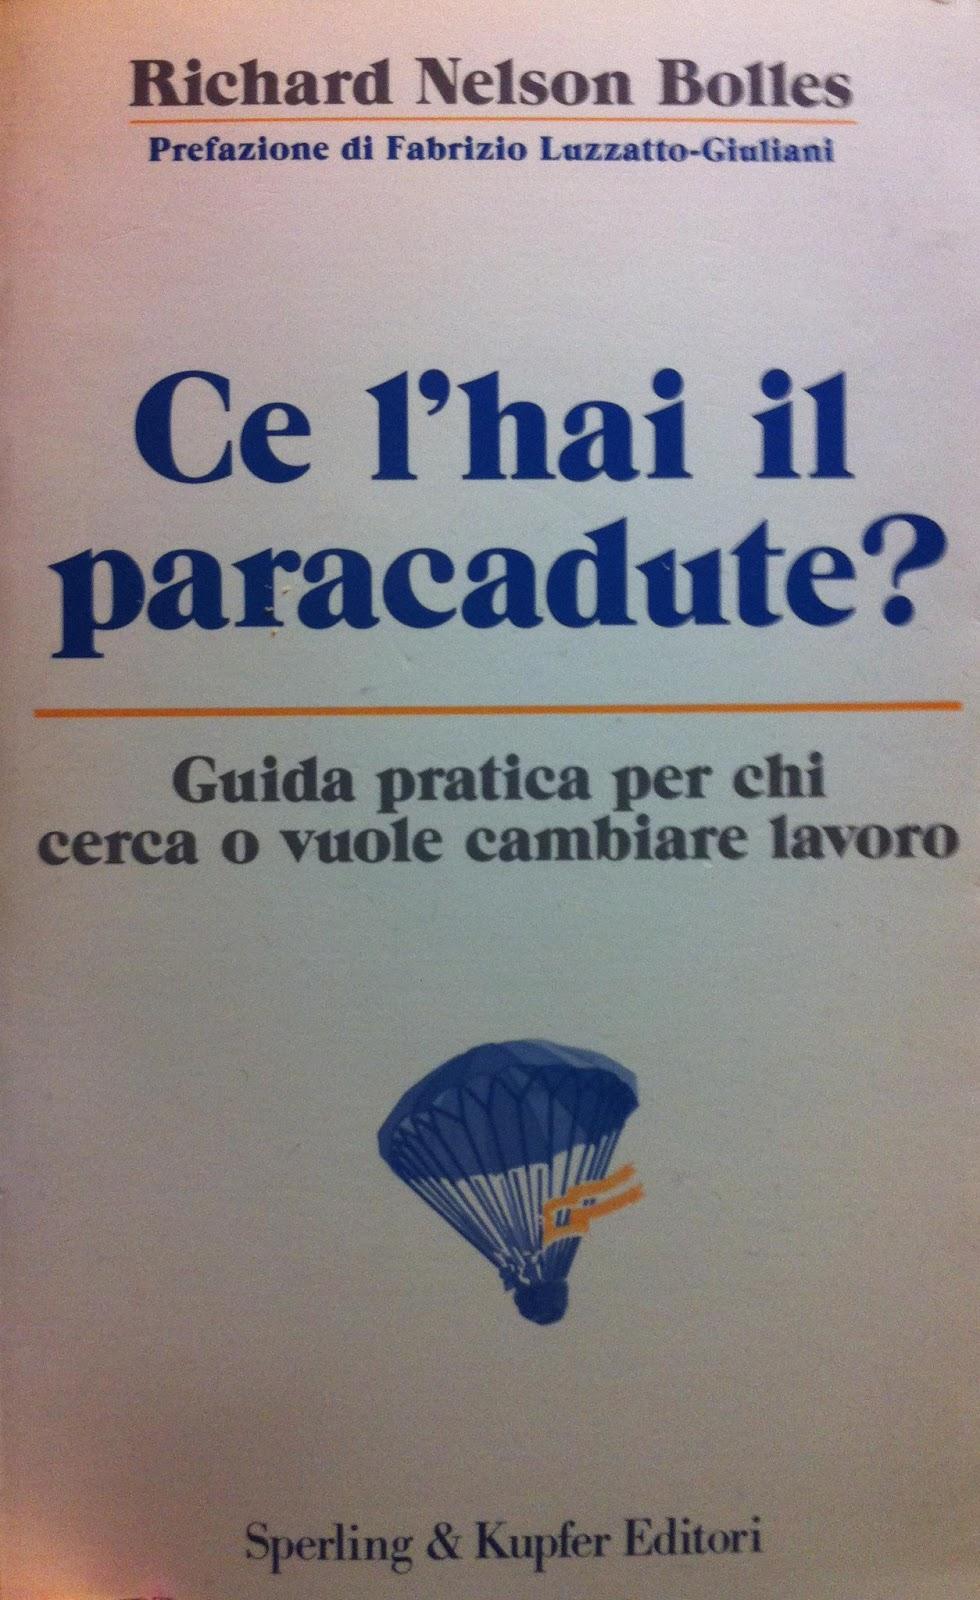 chiacchierando di tutto e niente ce l hai il paracadute di ce l hai il paracadute di richard nelson bolles